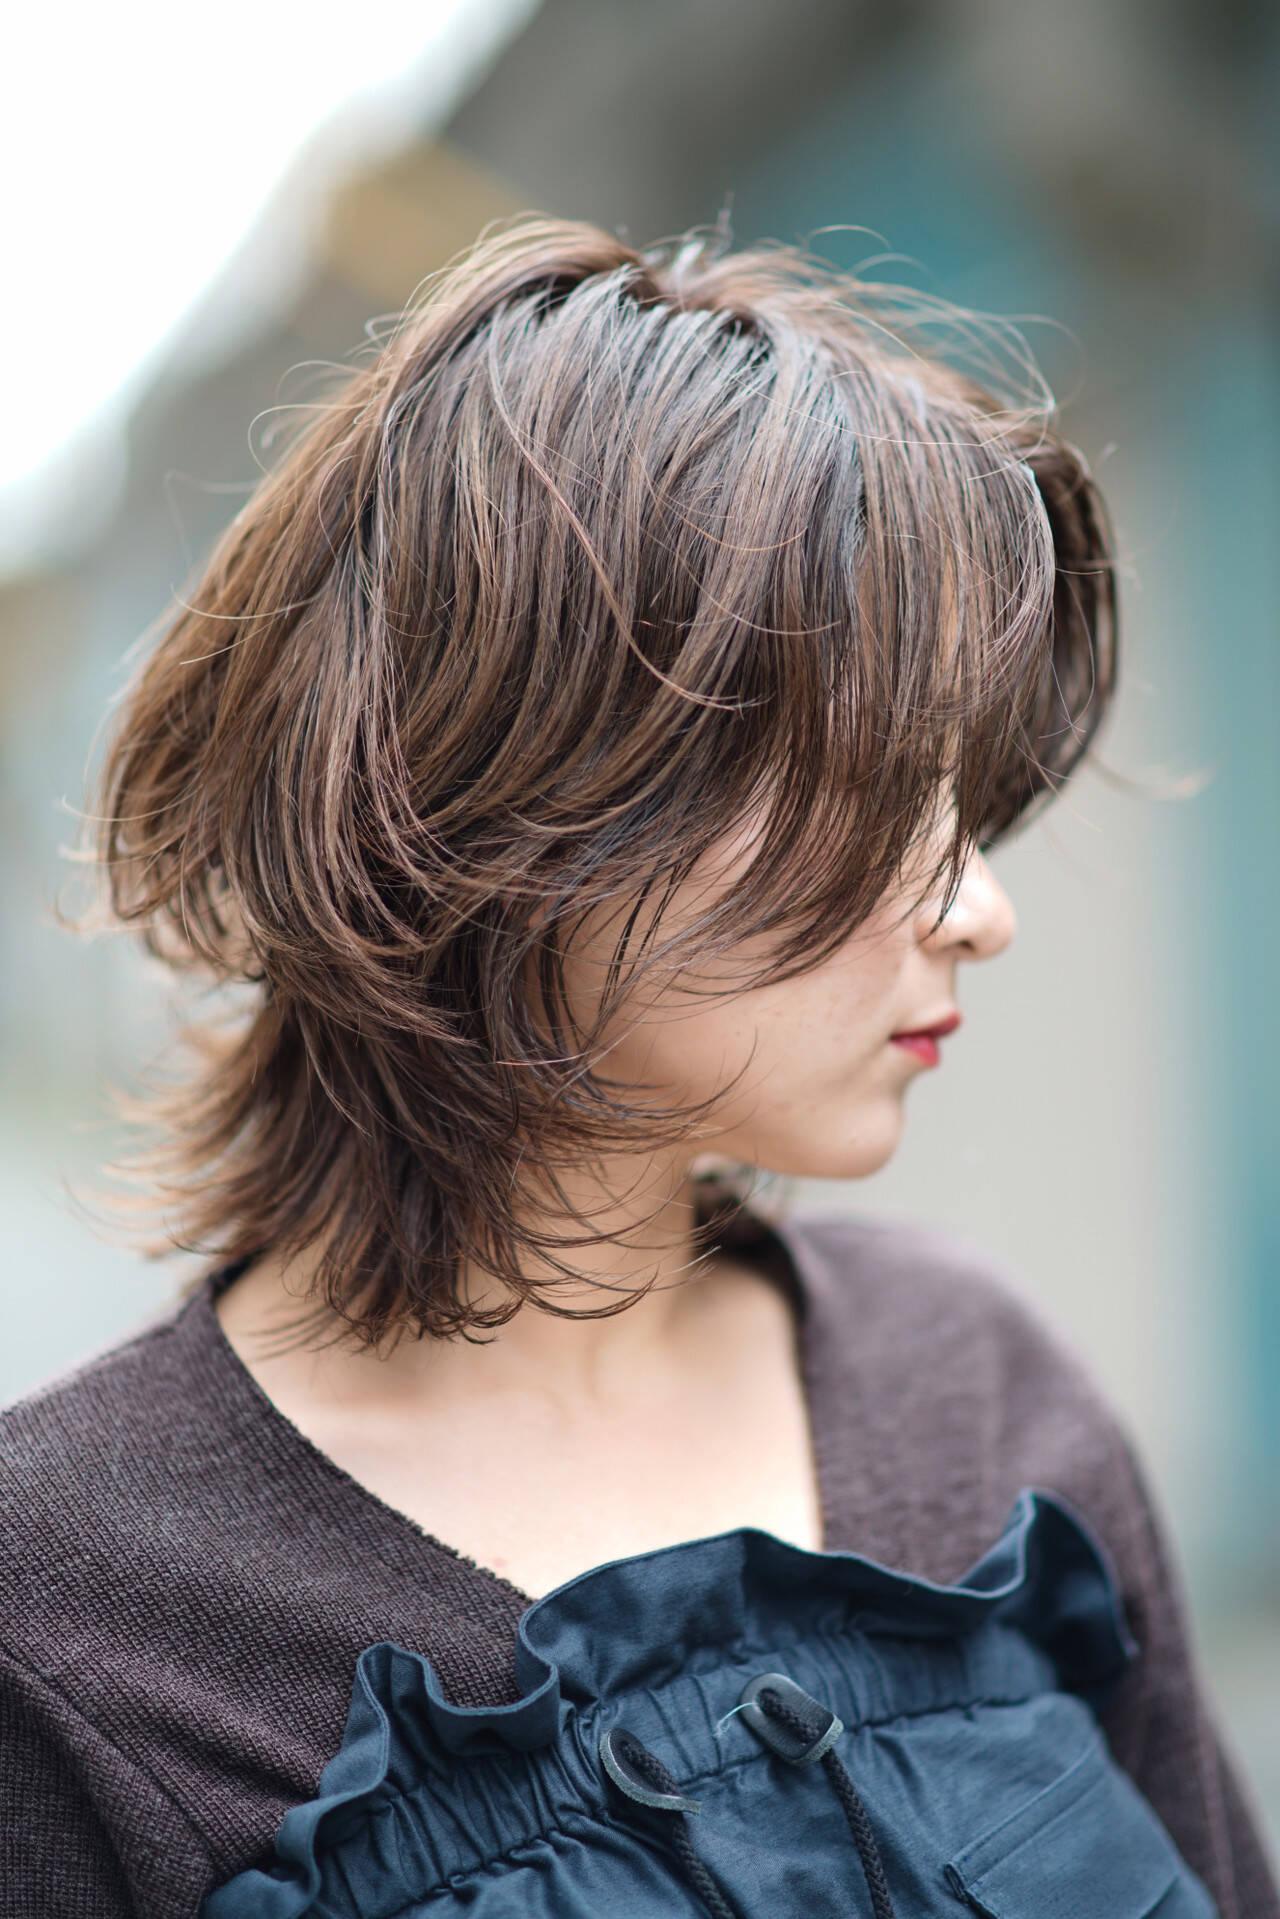 ミディアム 大人ショート フォギーアッシュ パーマヘアスタイルや髪型の写真・画像